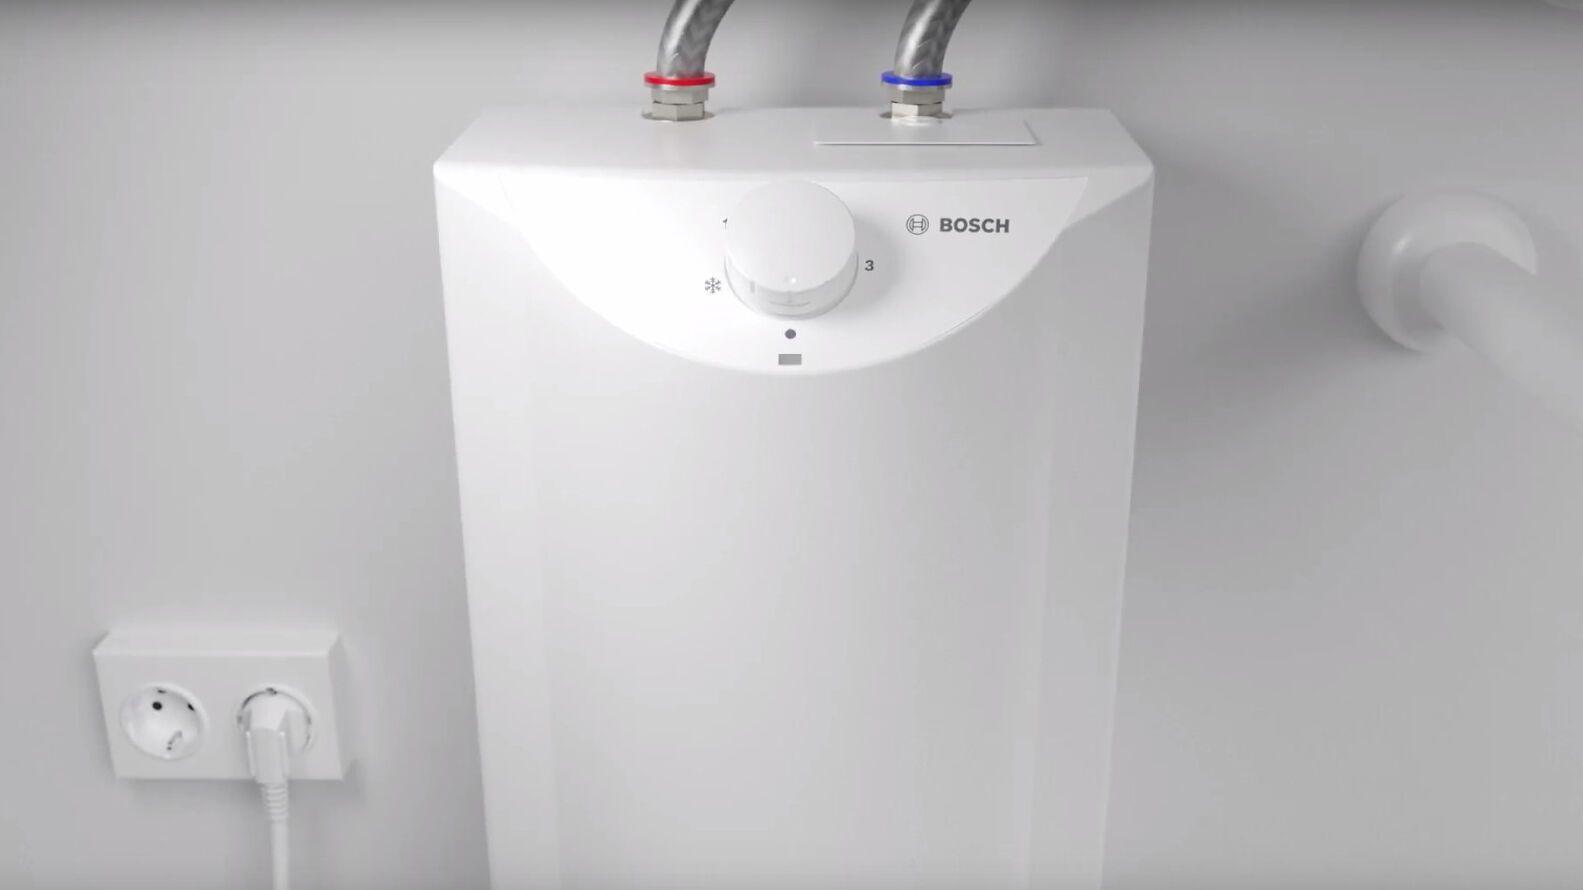 Elektro-Warmwasserspeicher  Bosch Junkers Deutschland - heinze.de